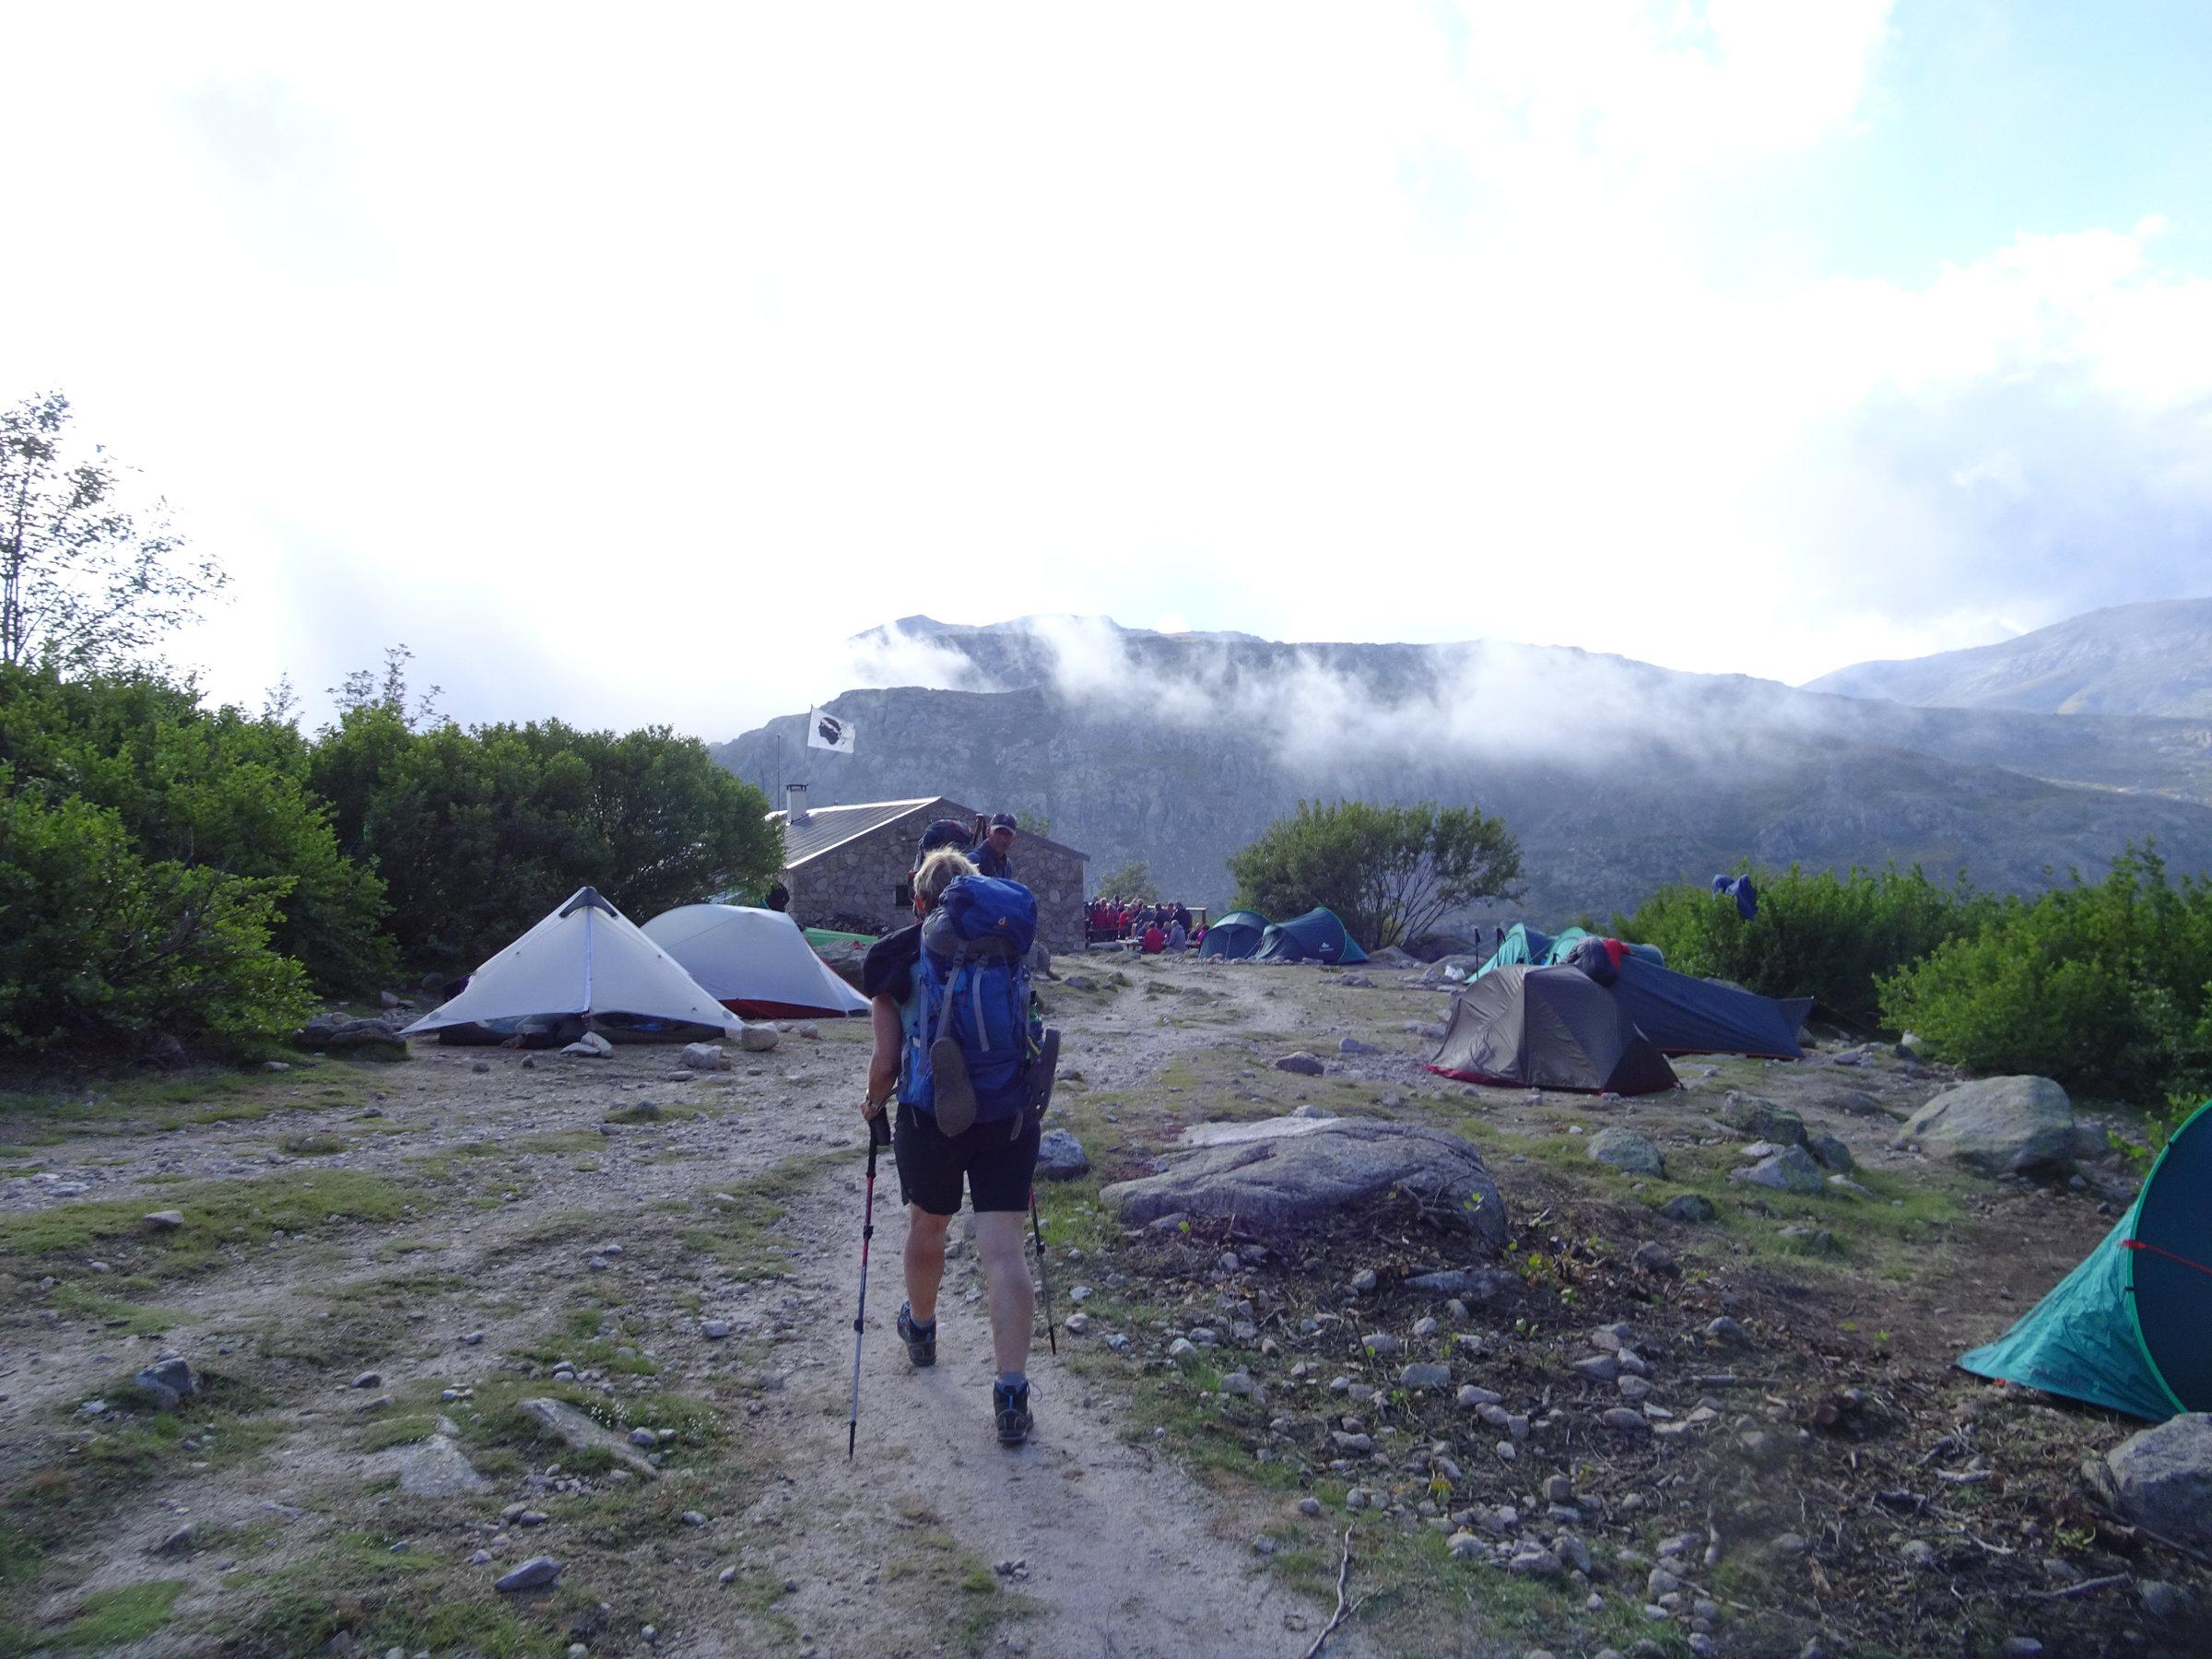 Angekommen in der Manganu Hütte, Korsika, GR20 Weitwanderweg, Wandern, Berge, Frankreich